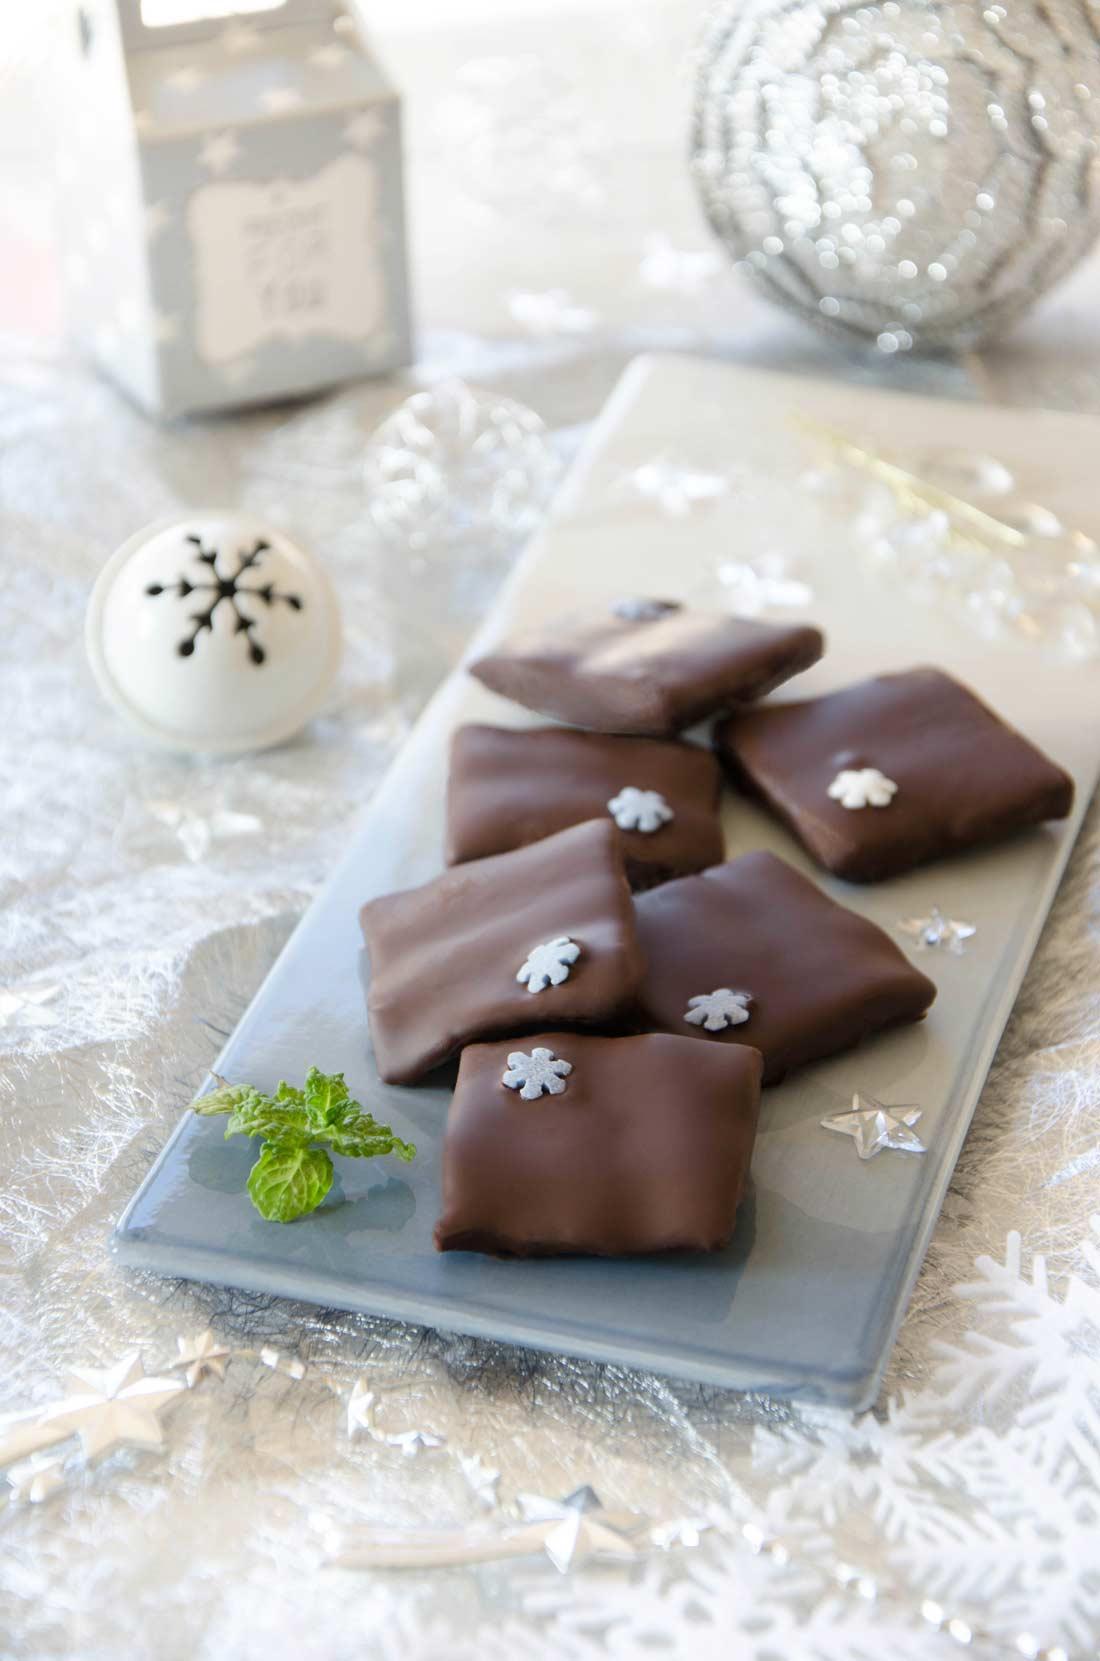 Chocolats fourrés à la menthe façon after-eight maison, une bonne idée de cadeau gourmand